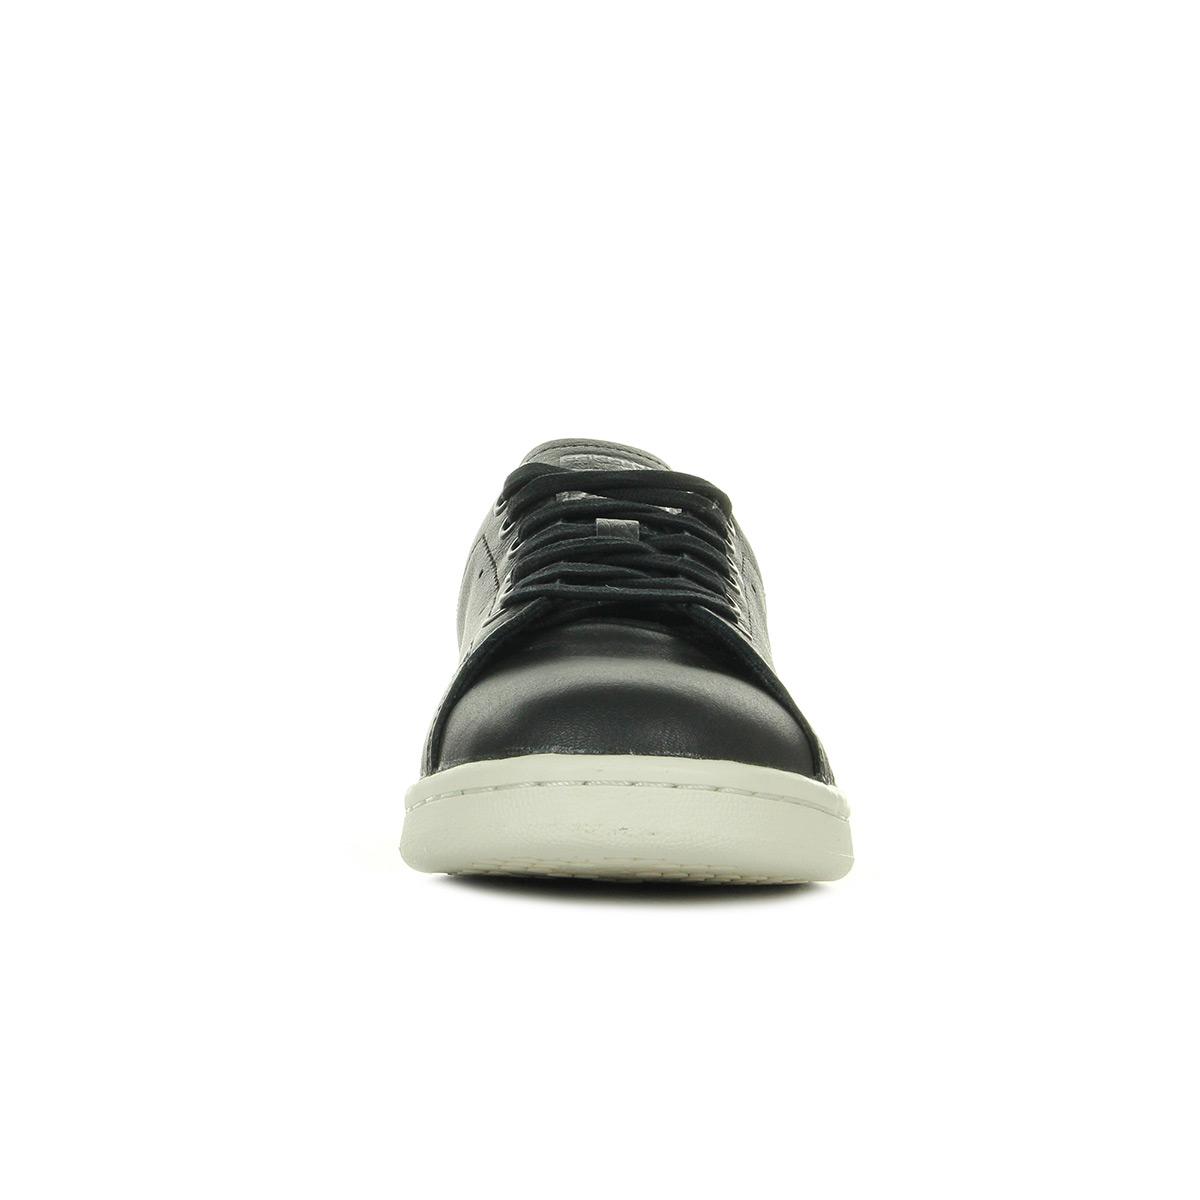 adidas Stan Smith BZ0467, Baskets mode